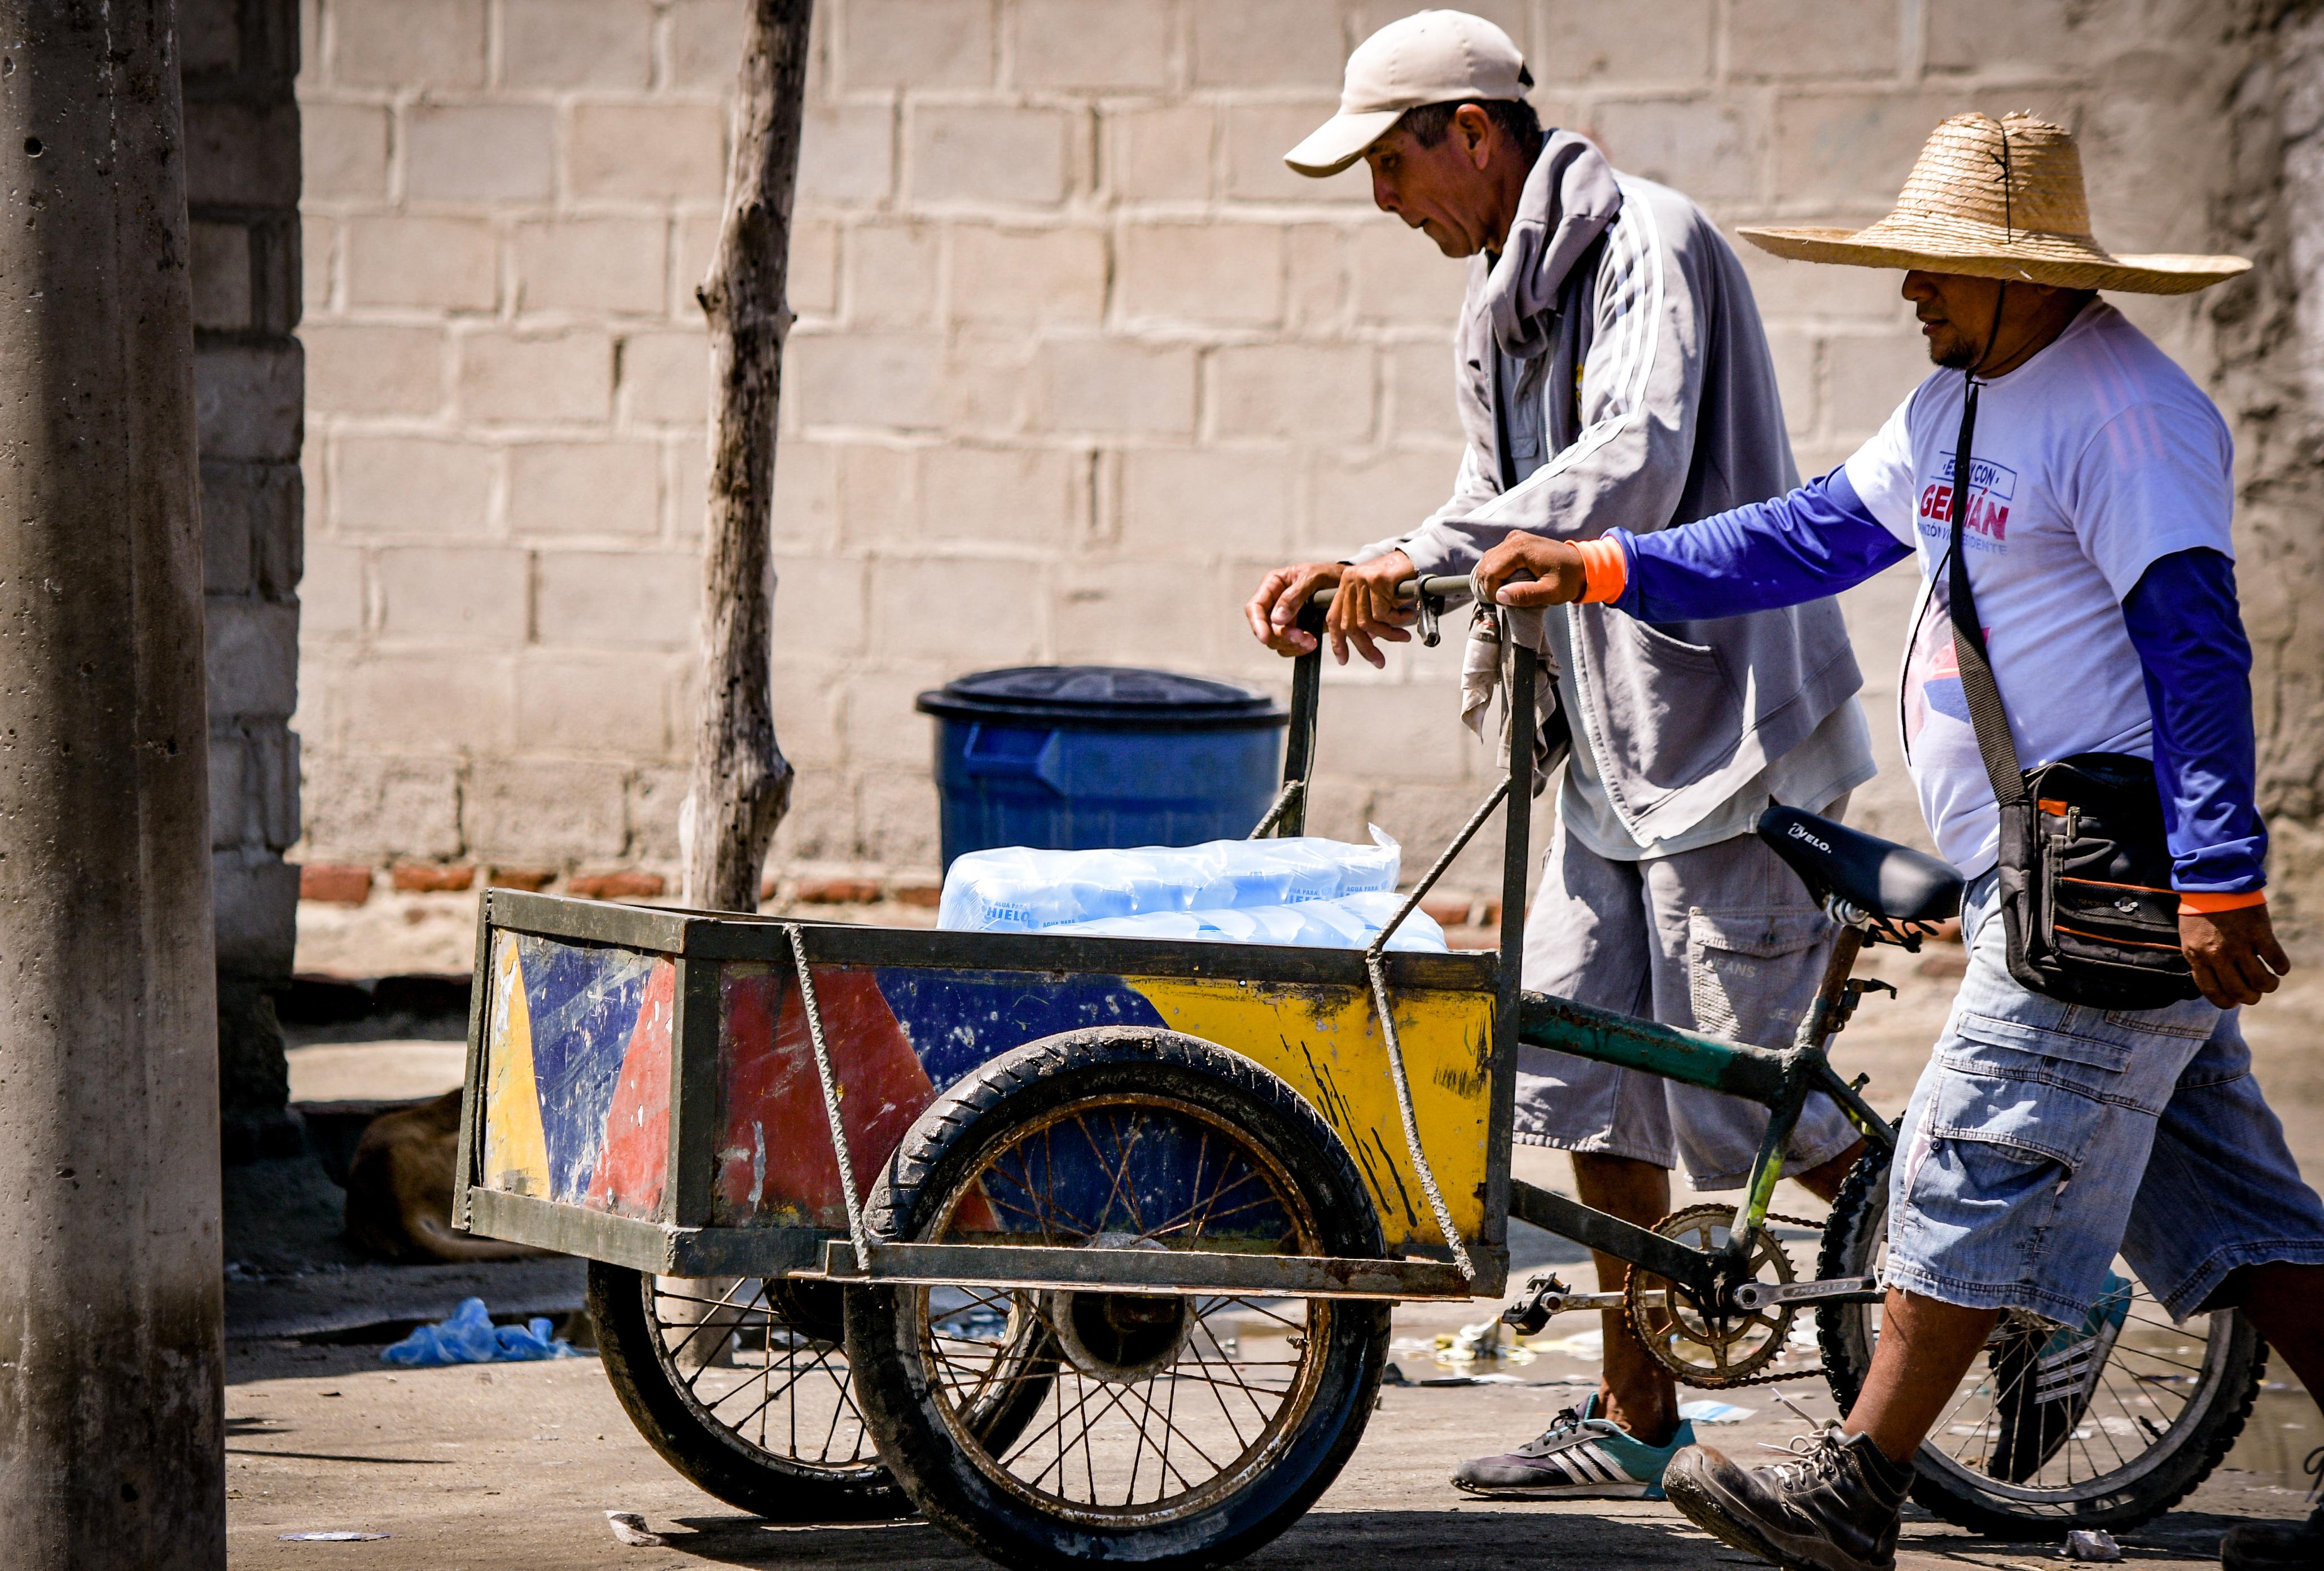 Herman Acosta distribuye a diario agua en bolsas entre los pocos comerciantes del corregimiento. Lo hace de 6 a.m. a 10 a.m.